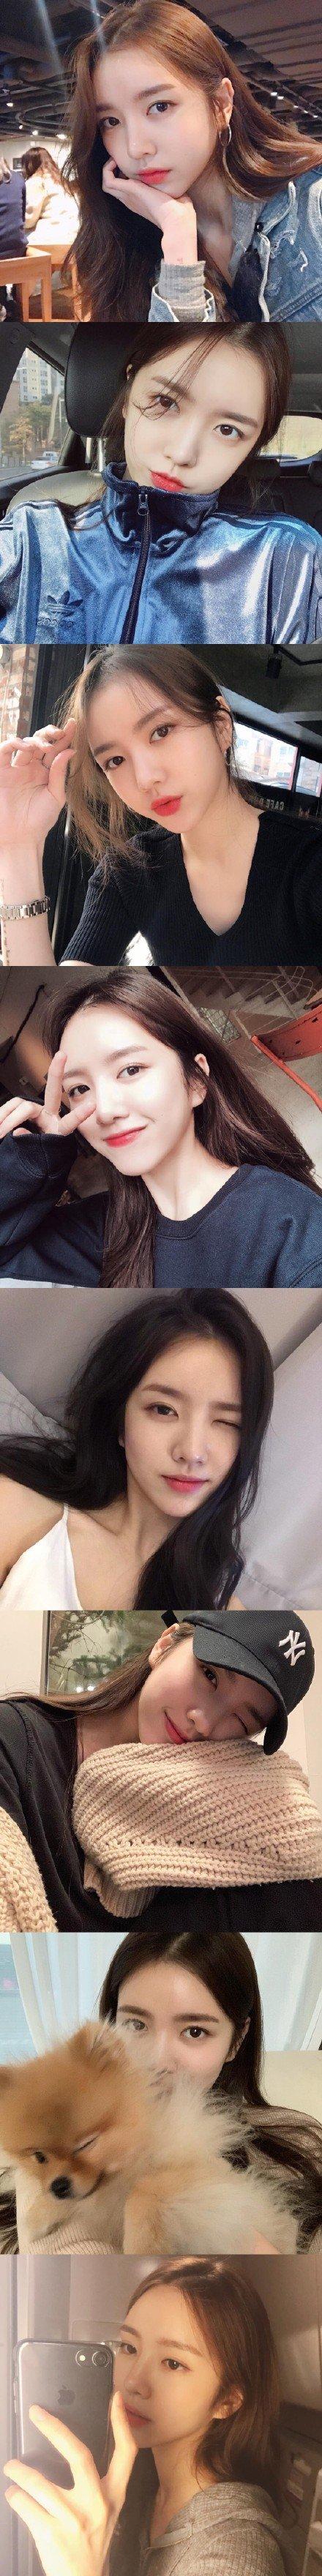 妹子图:Yerinxk,超好看的韩系小姐姐 涨姿势 第2张